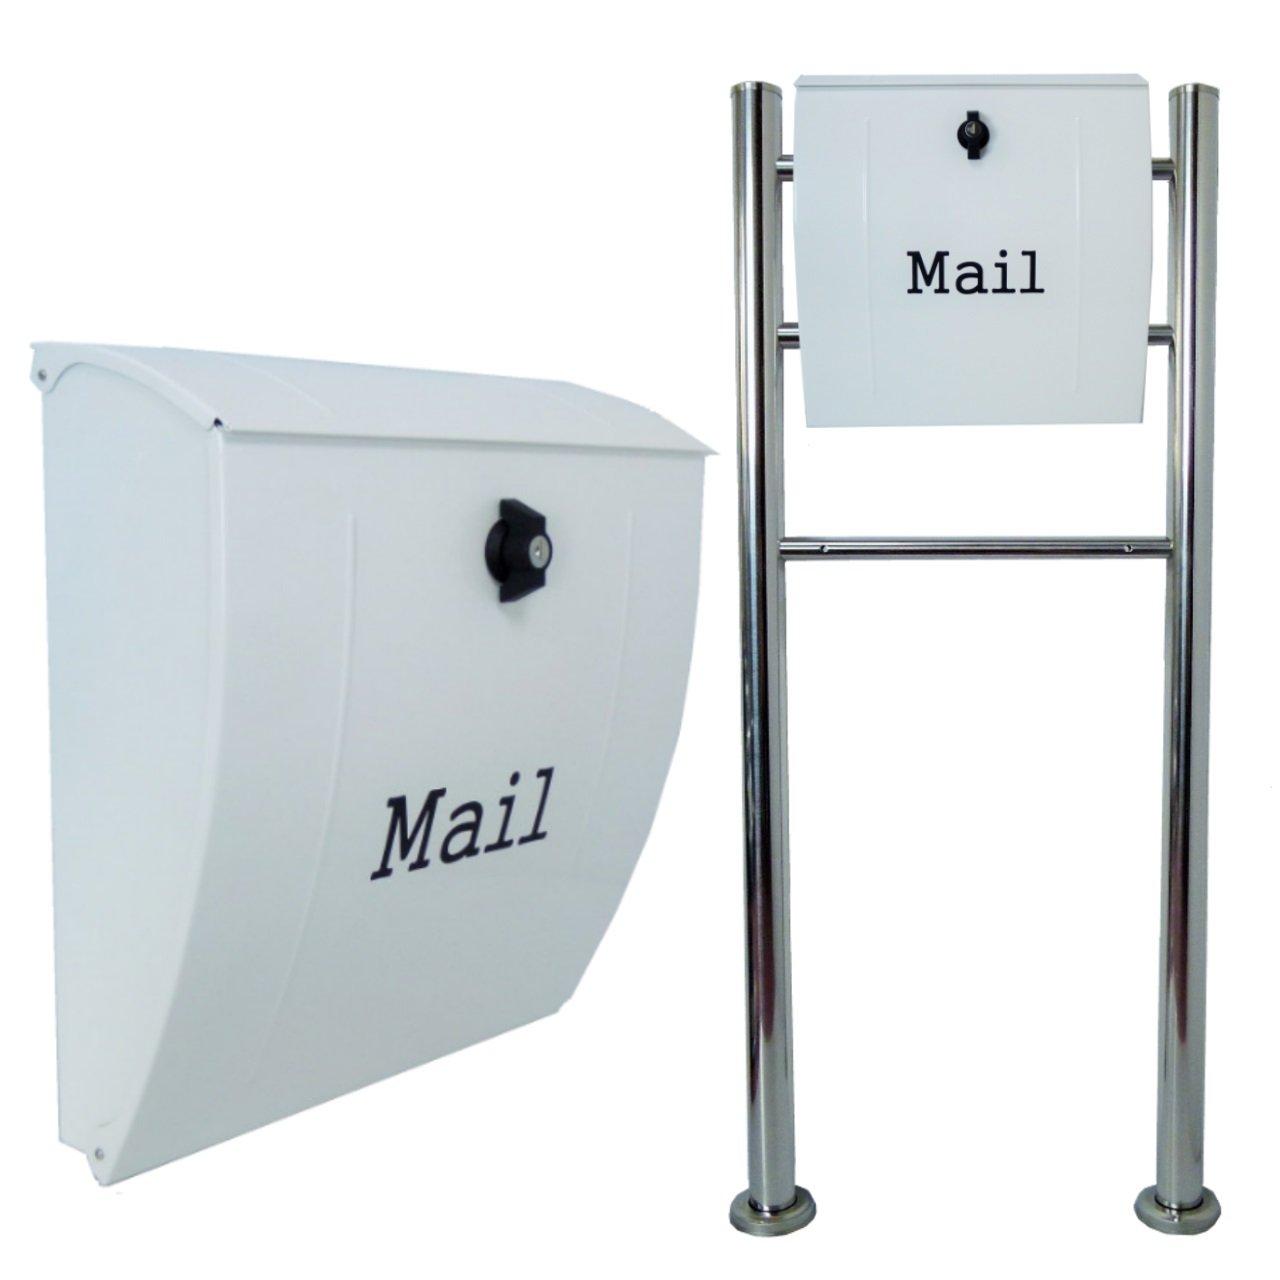 郵便ポスト郵便受けおしゃれ北欧風飾りバー付スタンド型プレミアムステンレスホワイト白色ポストm024 B076GTN9WC 22880